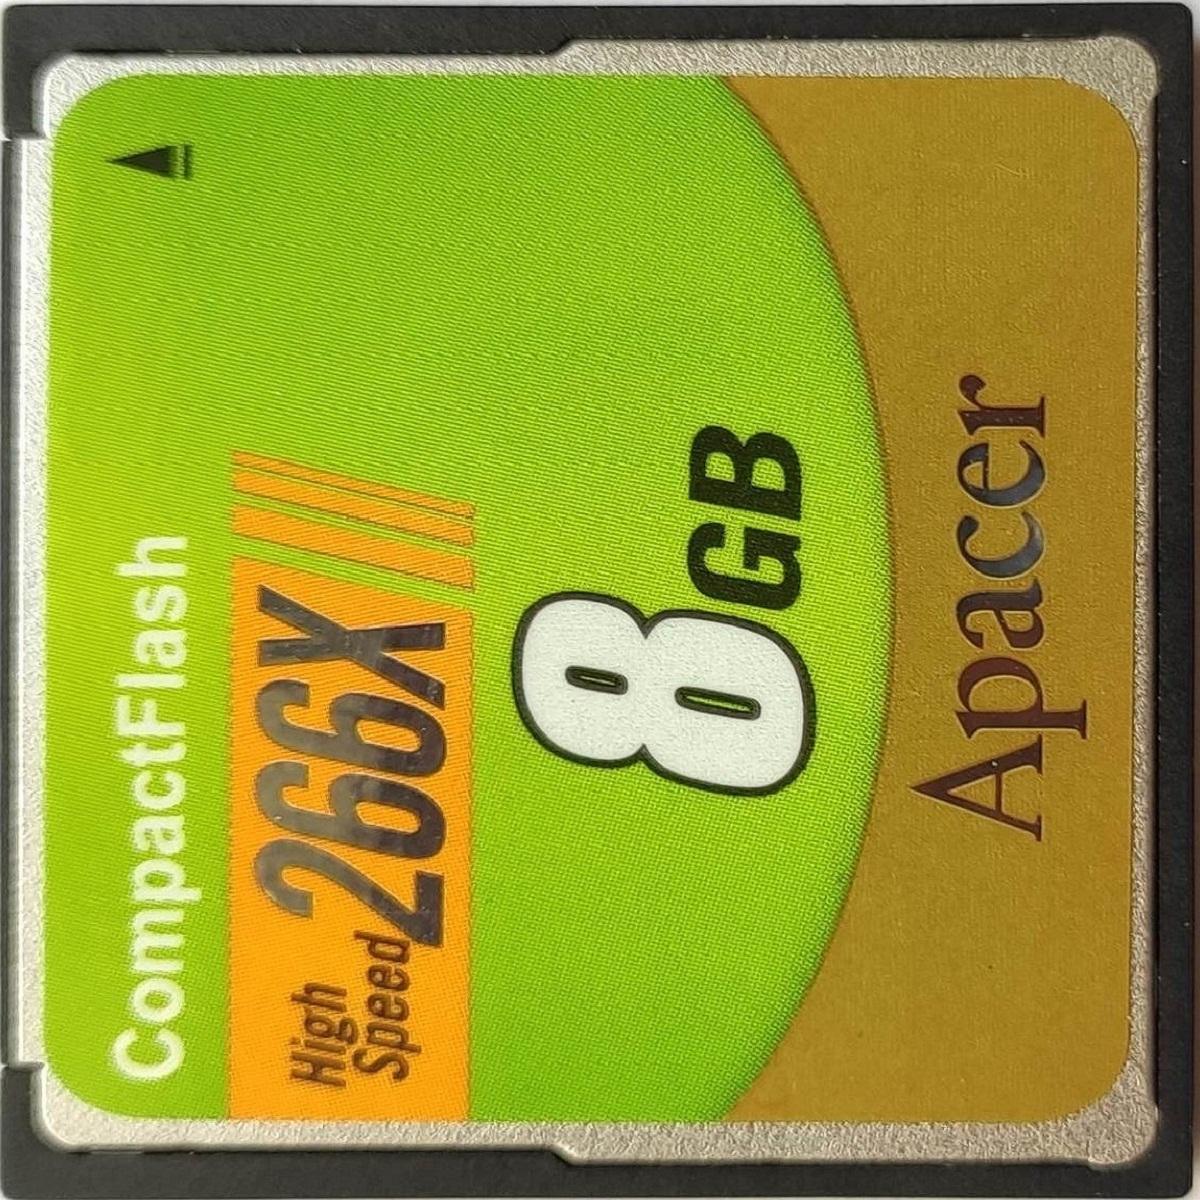 کارت حافظه CompactFlash اپیسر  مدل AP8G سرعت 266X ظرفیت 8 گیگابایت